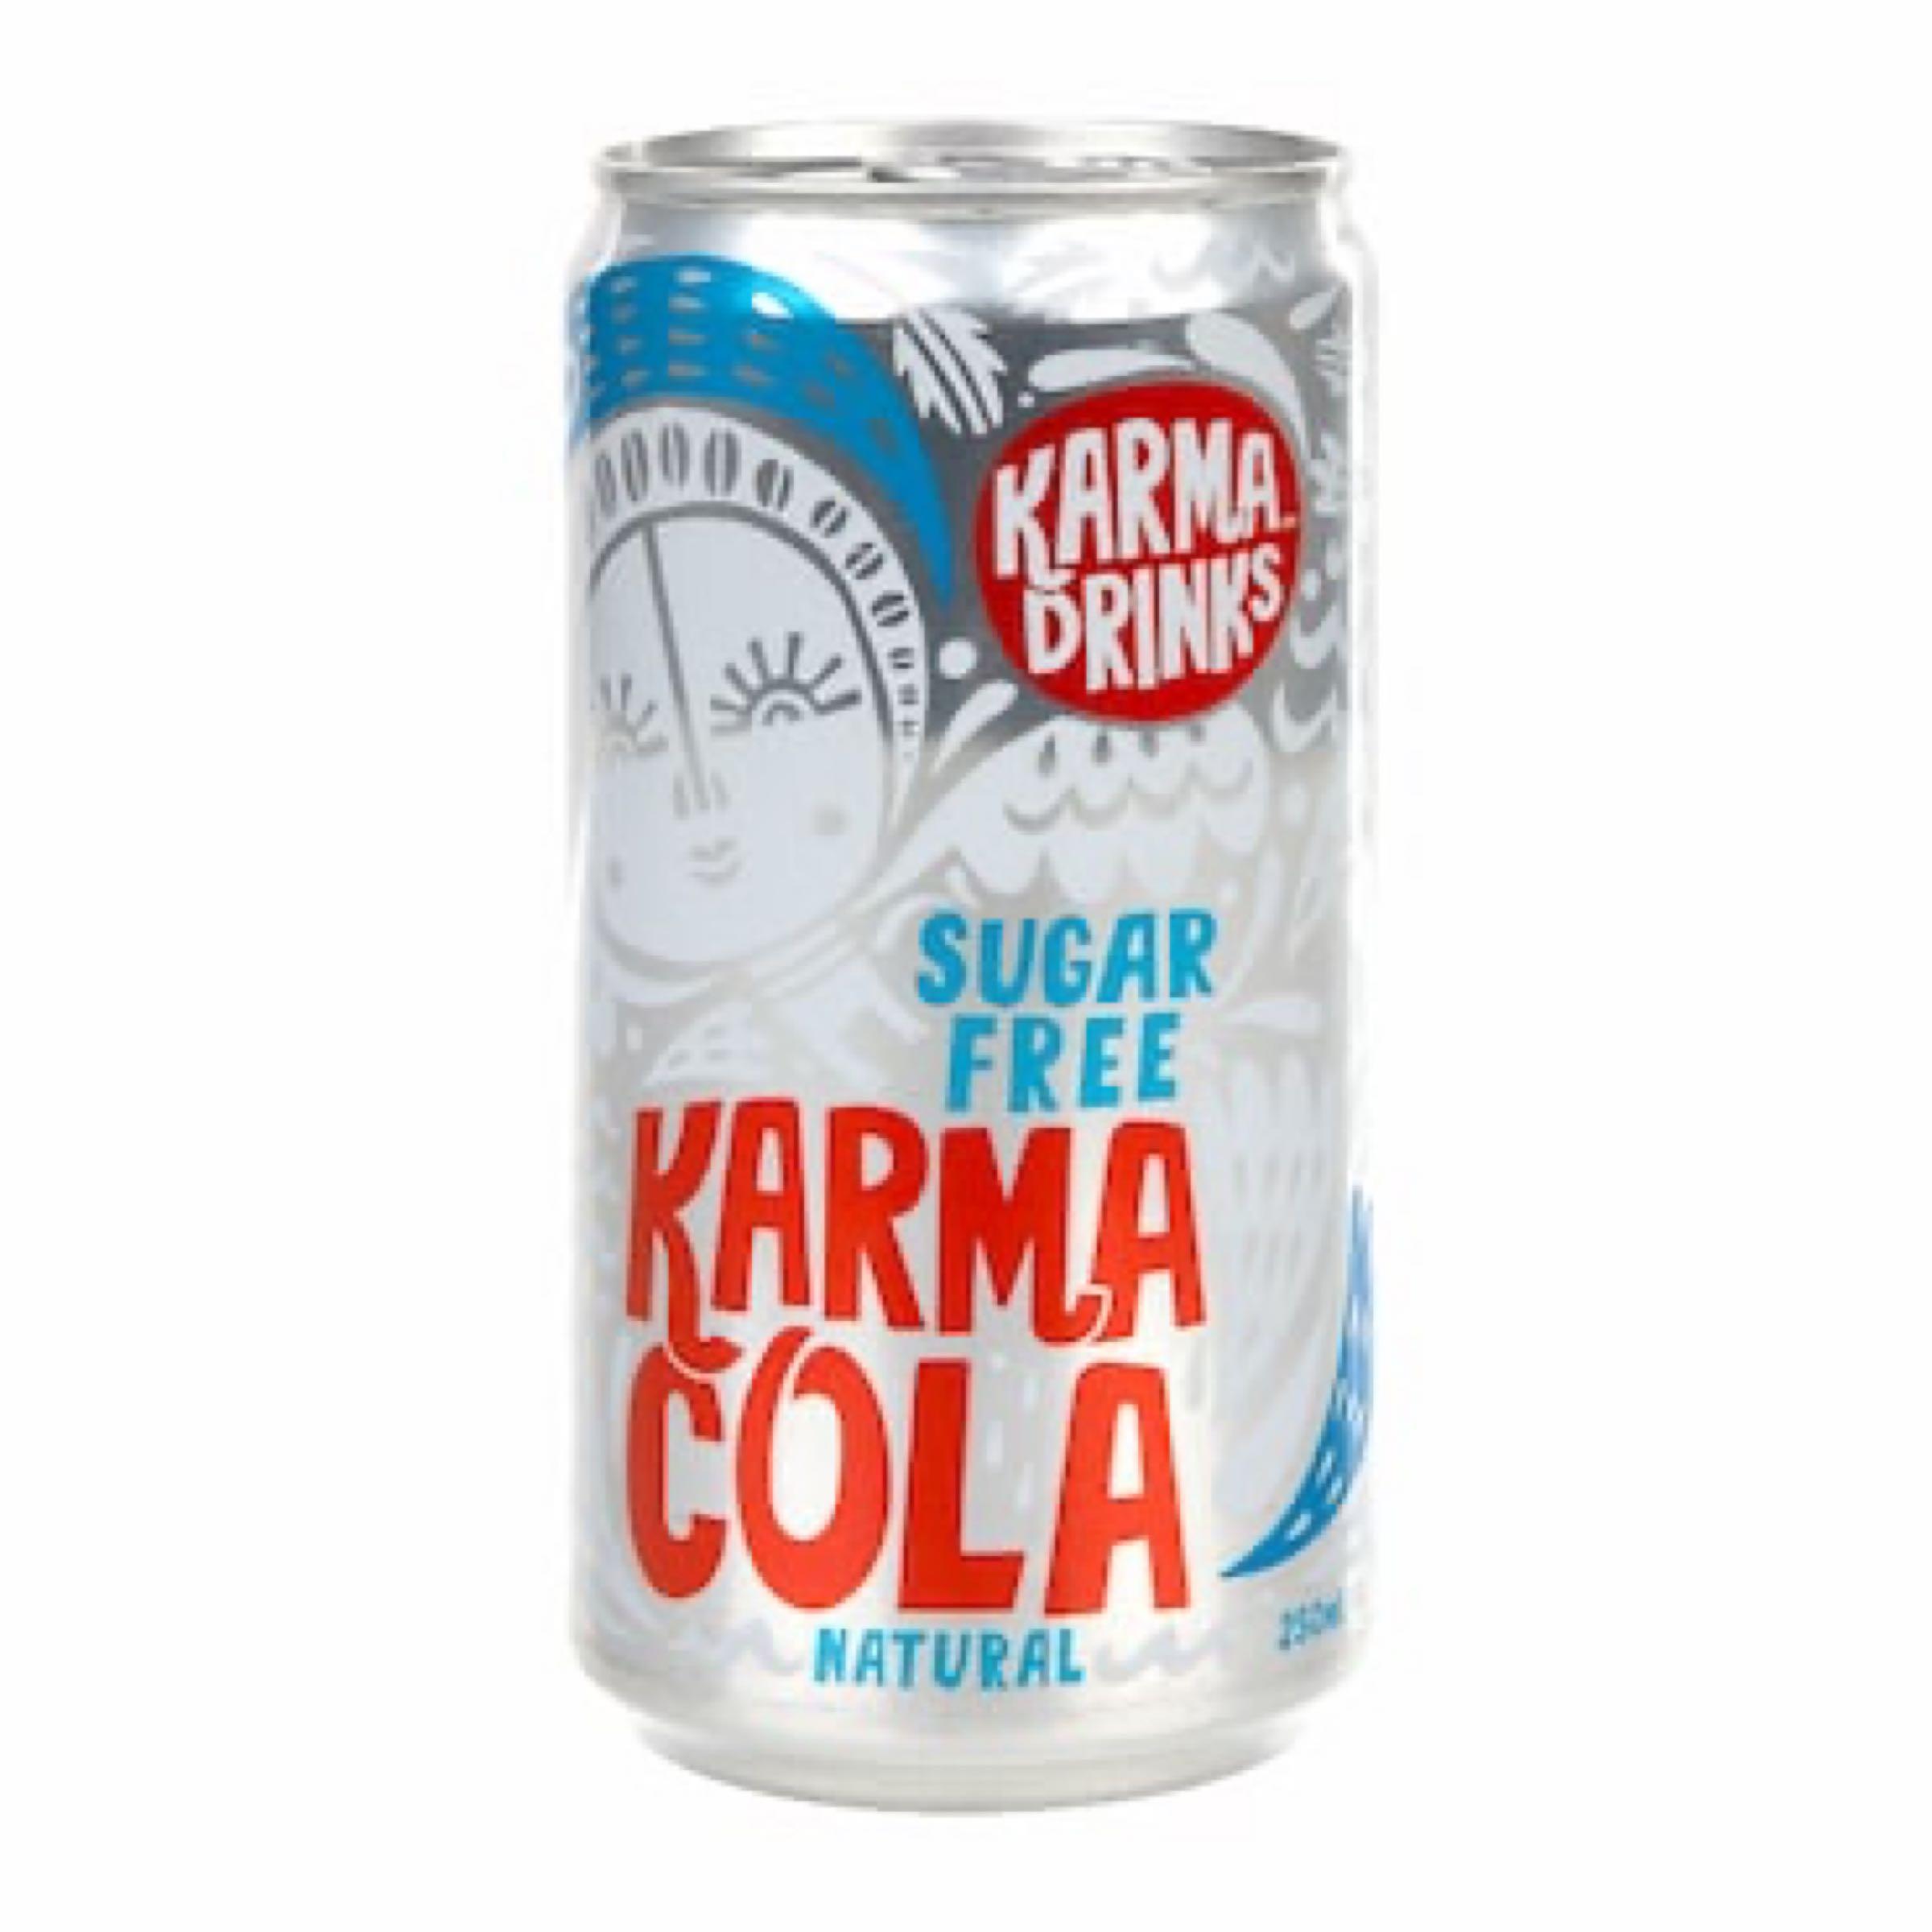 Karma Cola (Sugar Free)